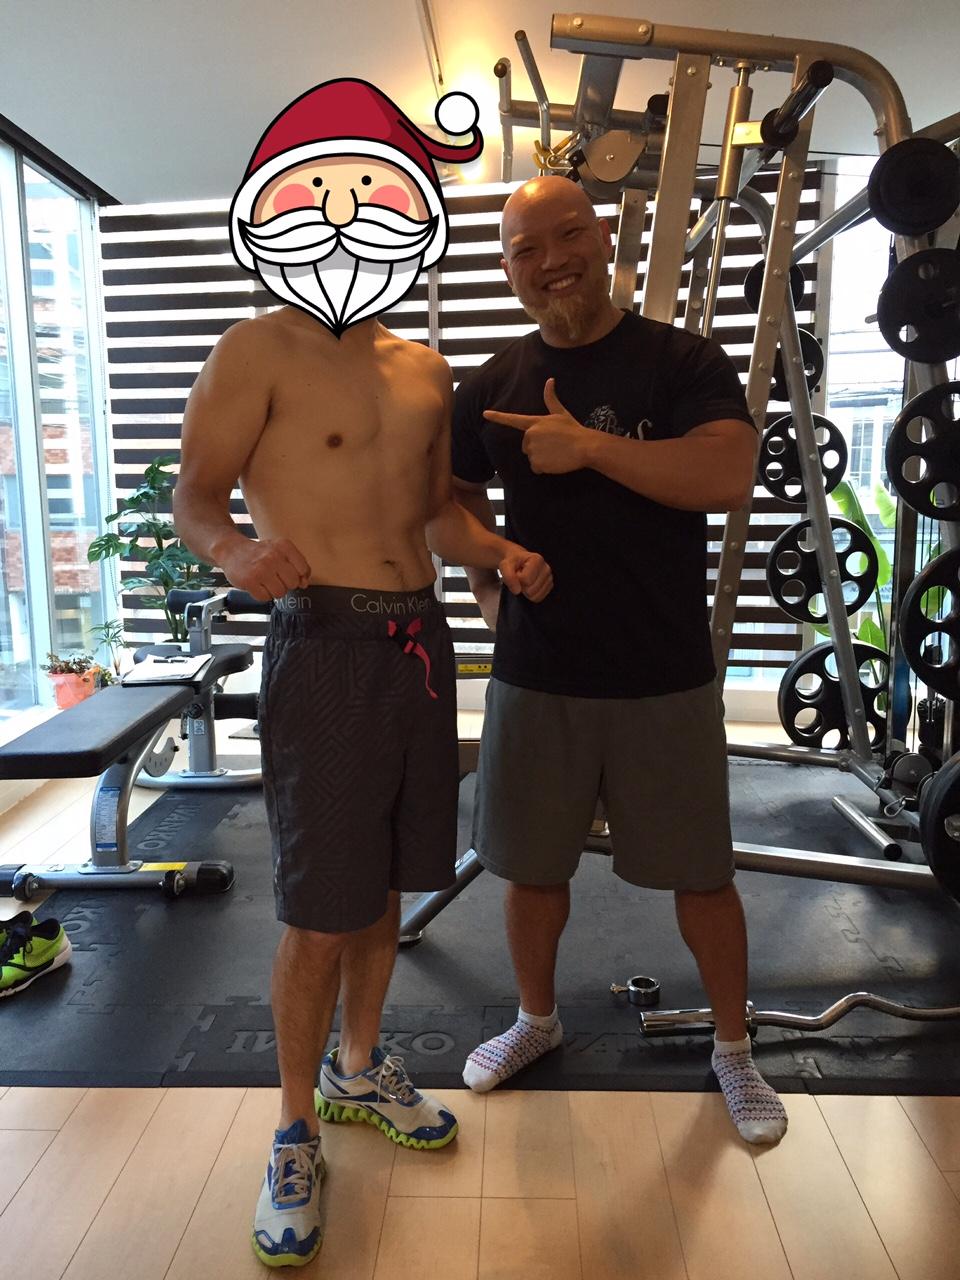 45歳男性!体重-8.7kg、体脂肪-7.2%で大手ダイエットジムに勝利!